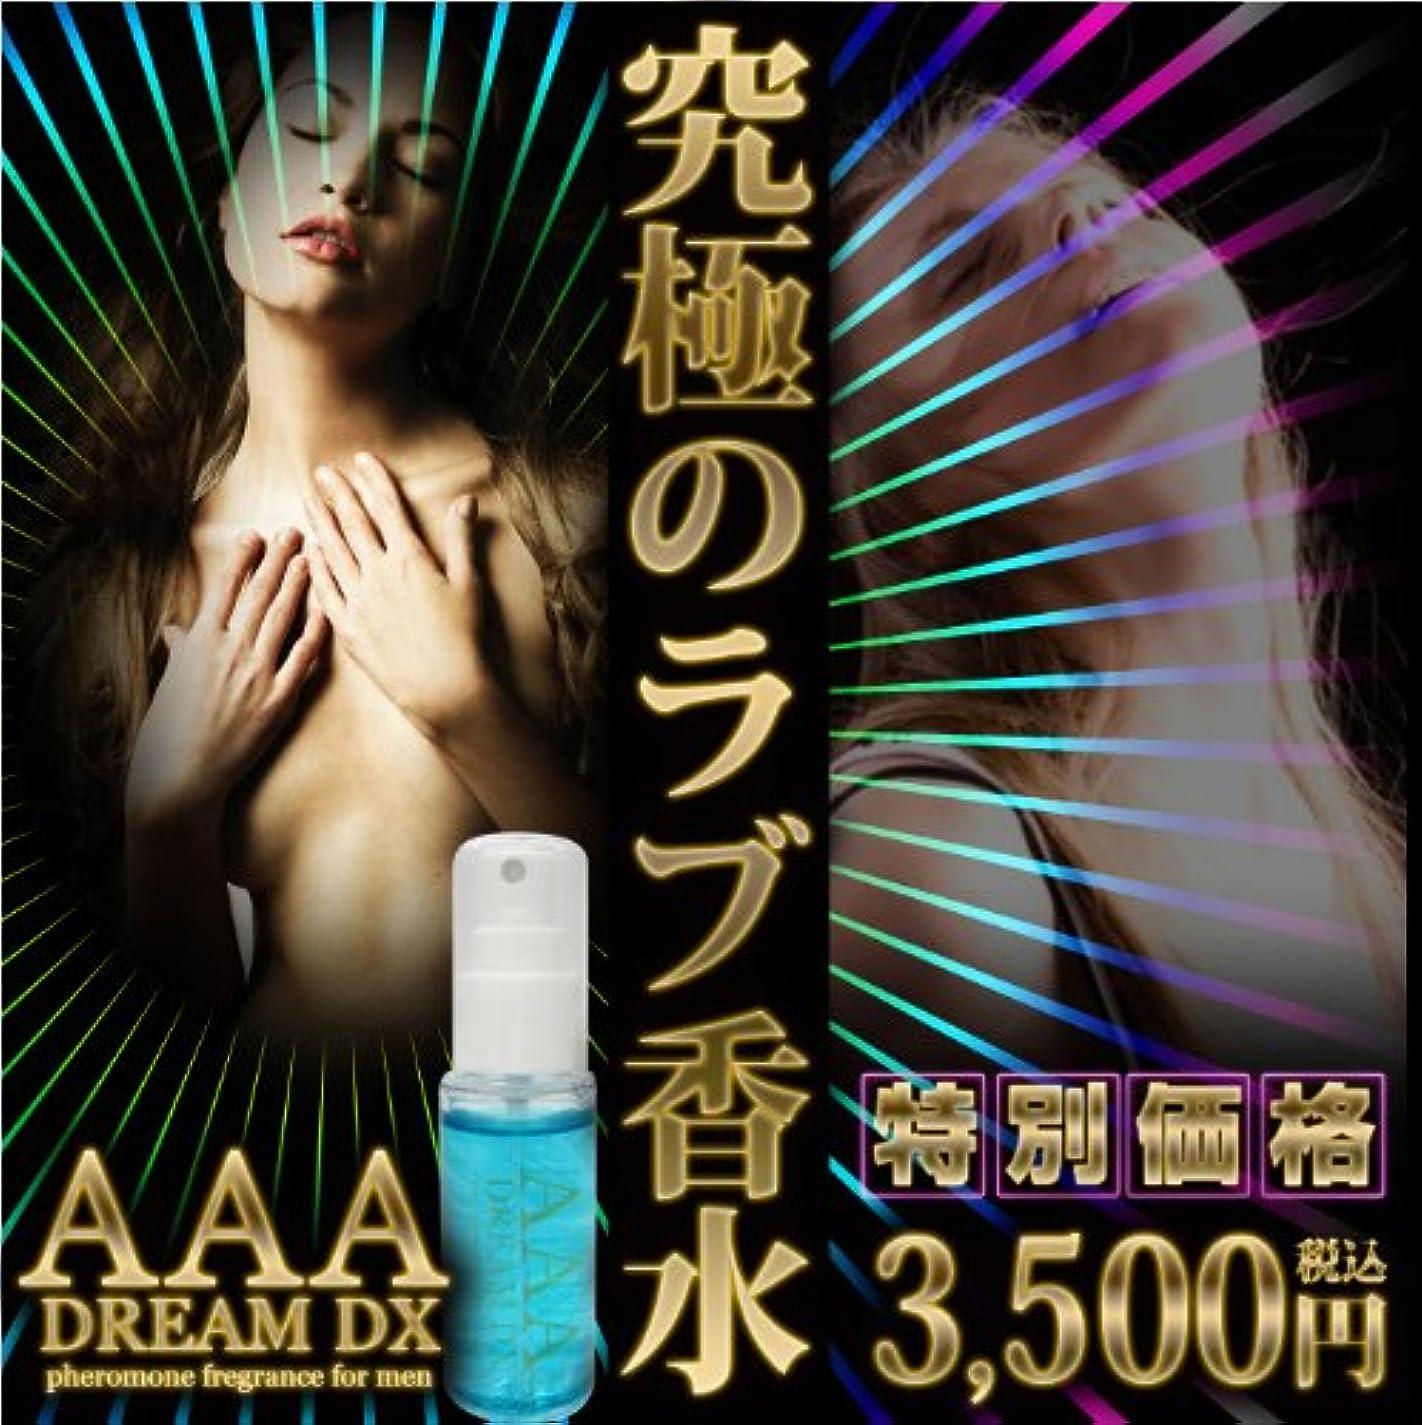 人類彼フィットAAA DreamDX エーエーエードリームデラックス(消臭成分配合男性用フェロモン香水)